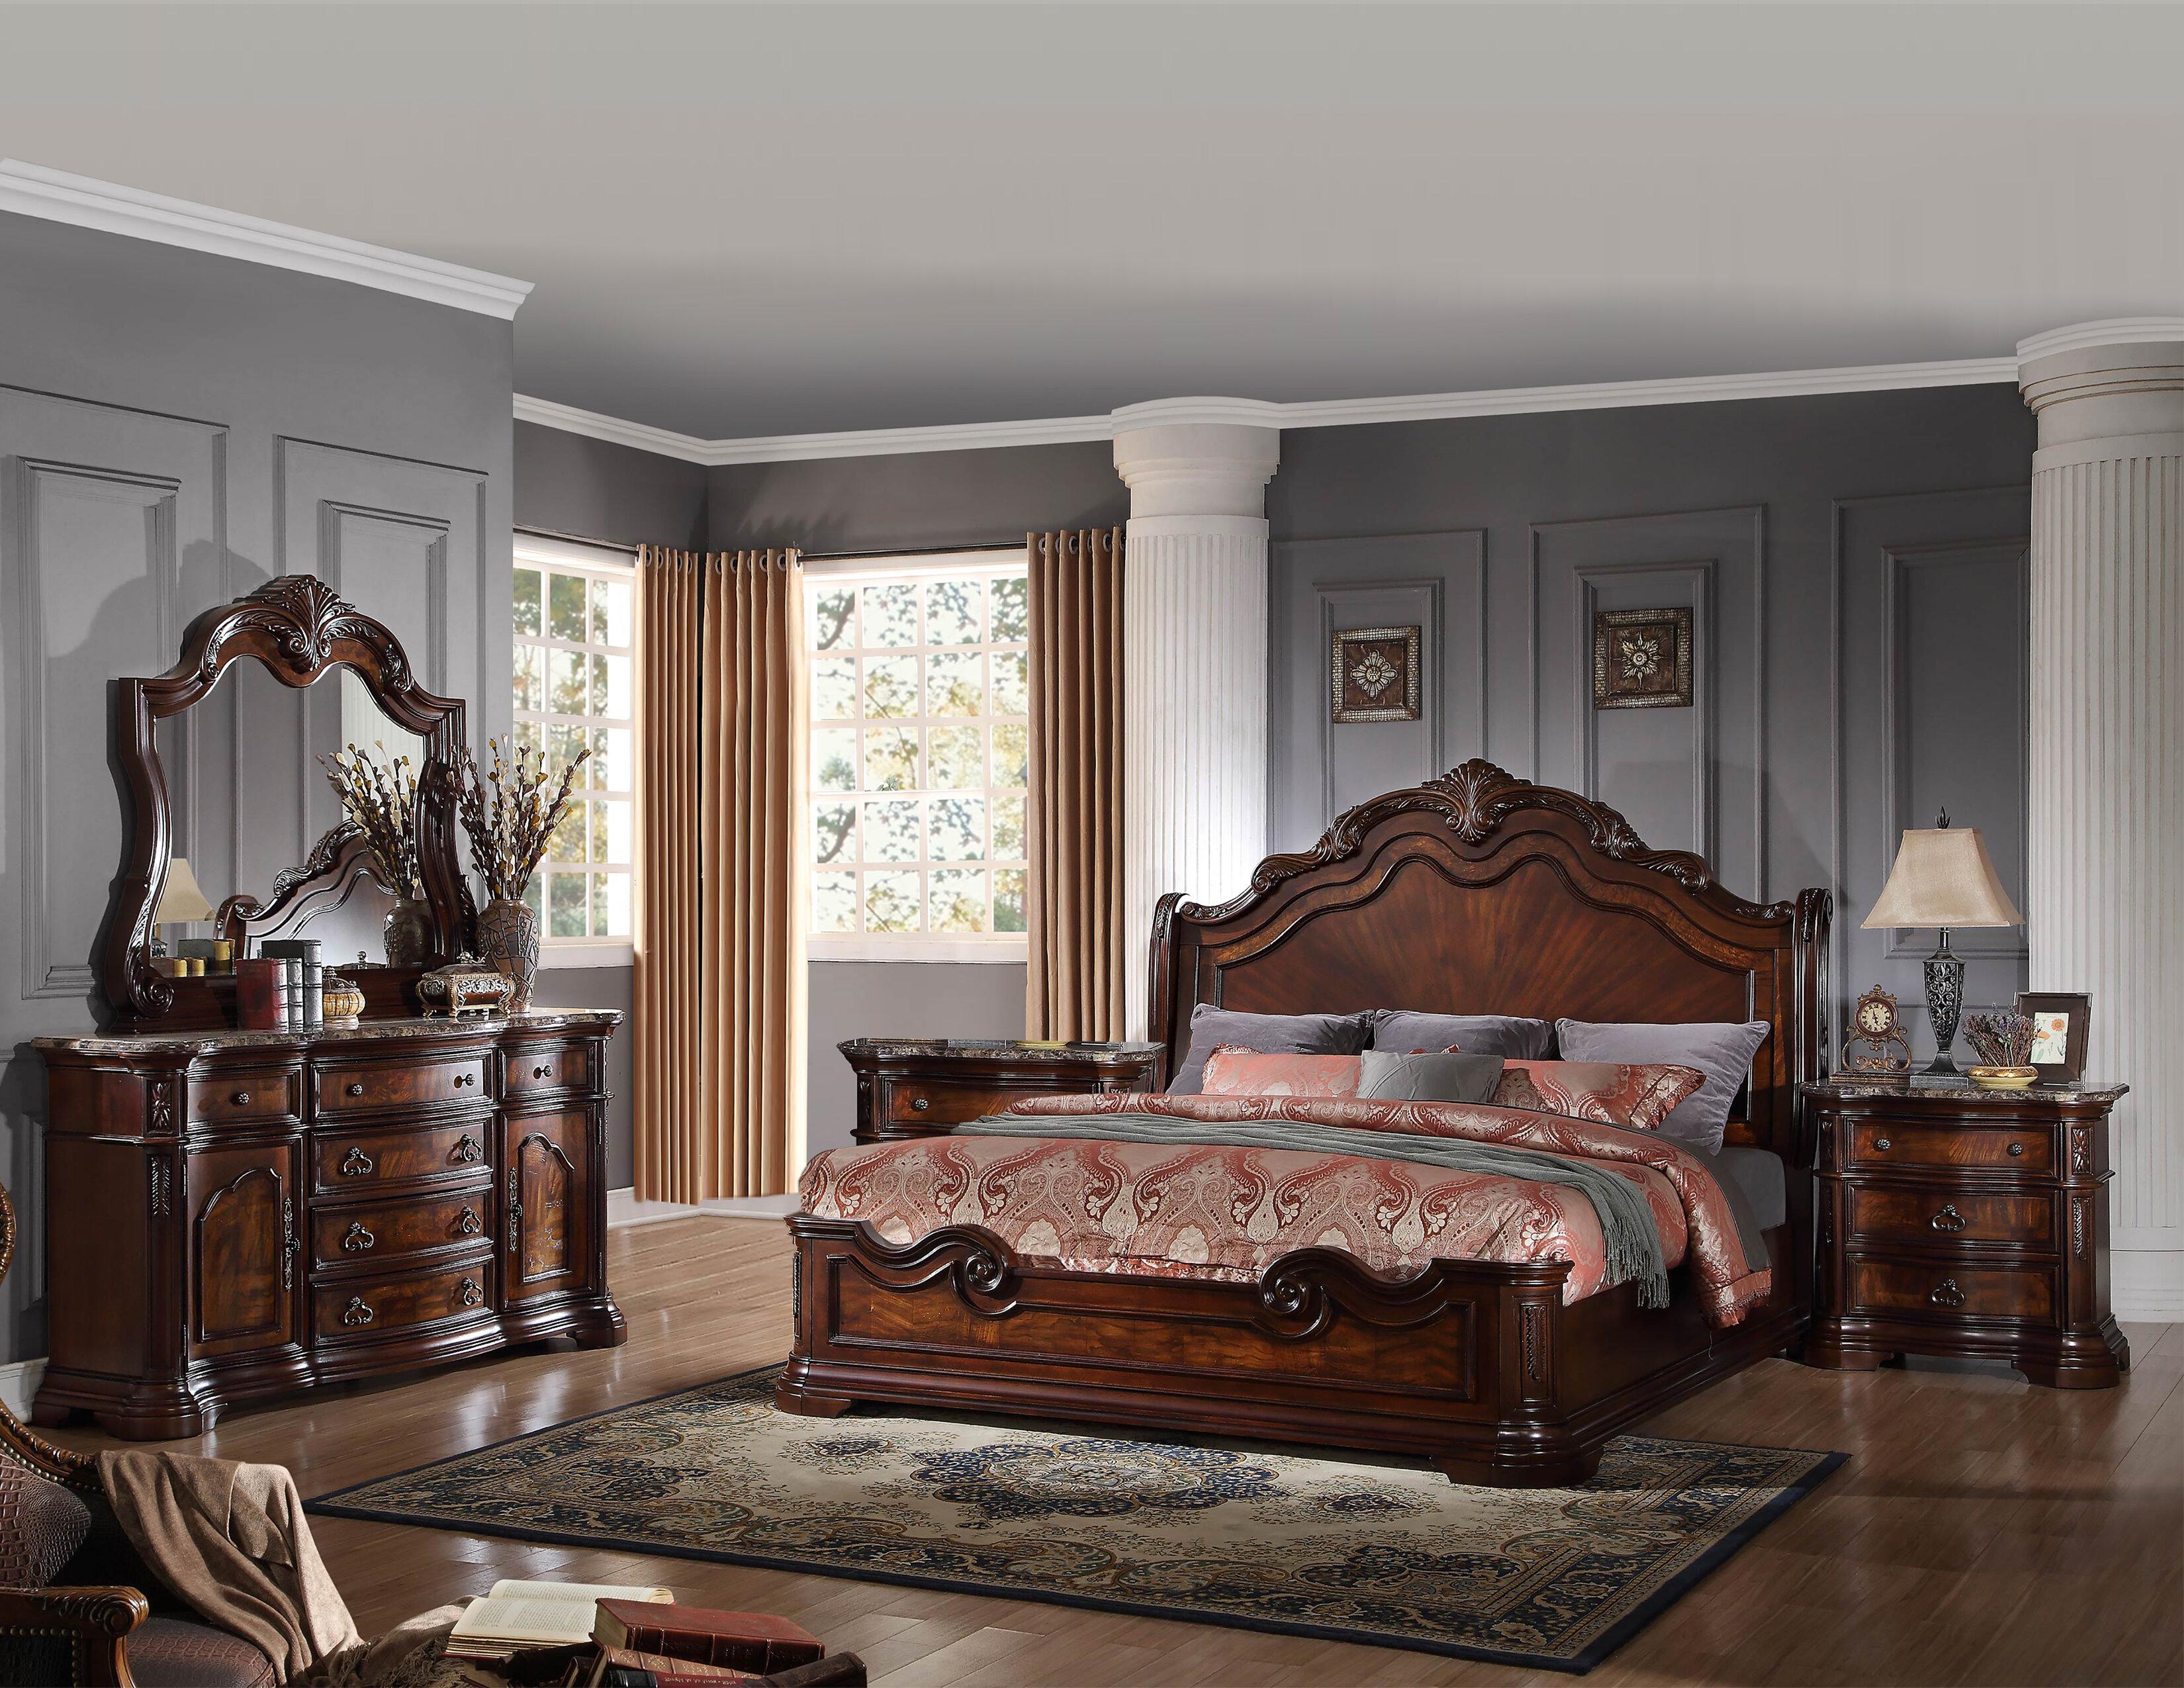 Fletcher Standard 8 Piece Bedroom Set